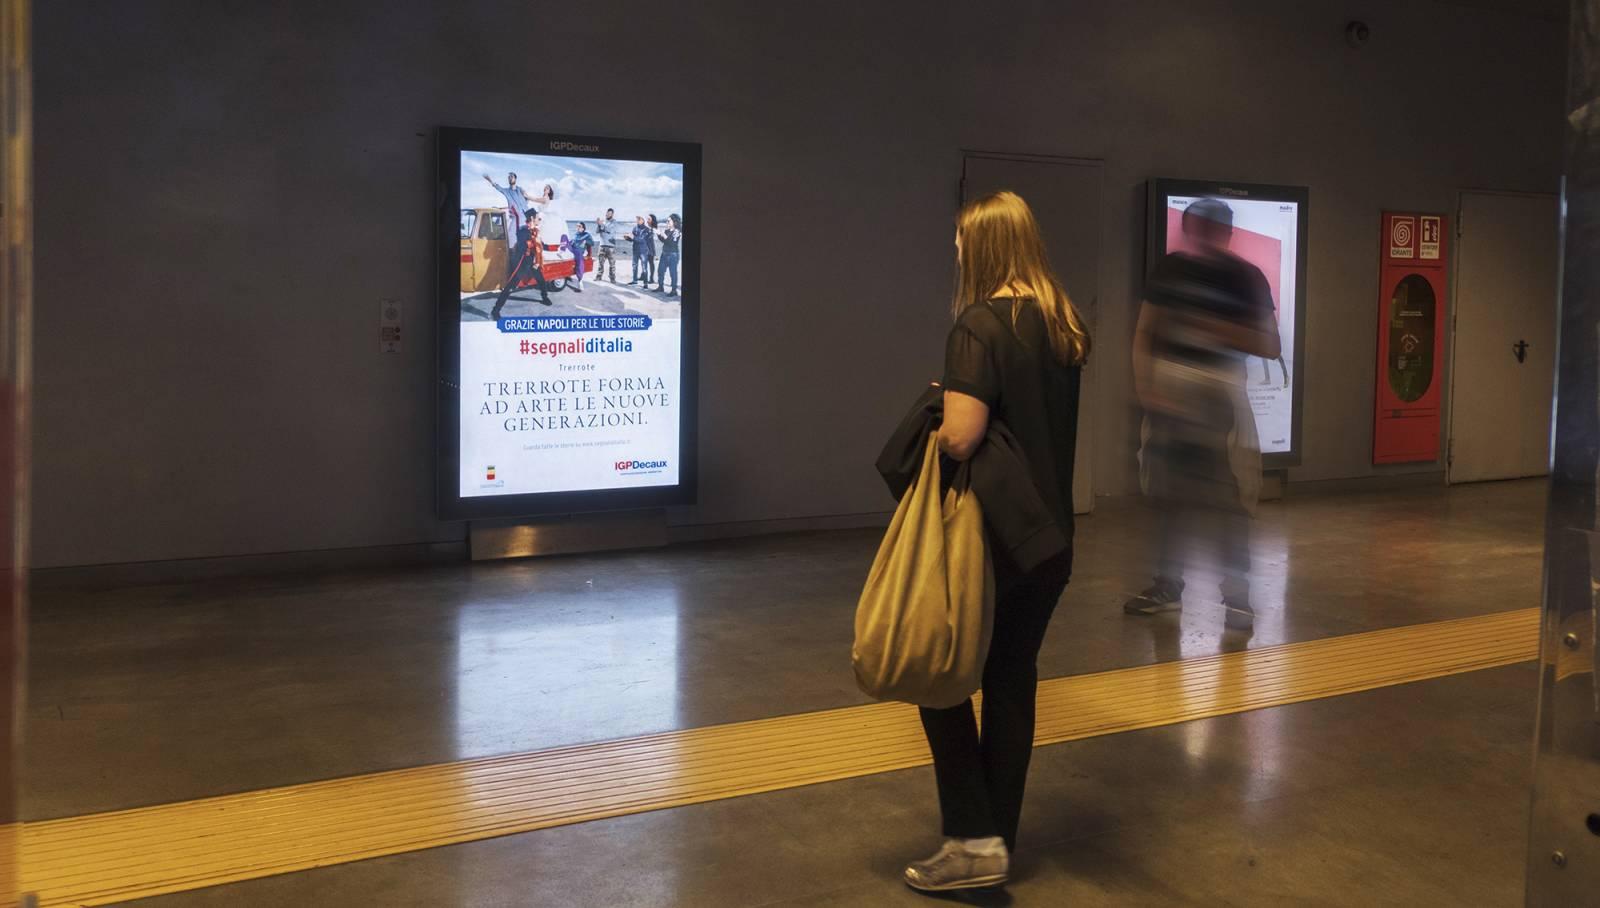 Pubblicità in metropolitana IGPDecaux mupi a Napoli per Segnali d'Italia